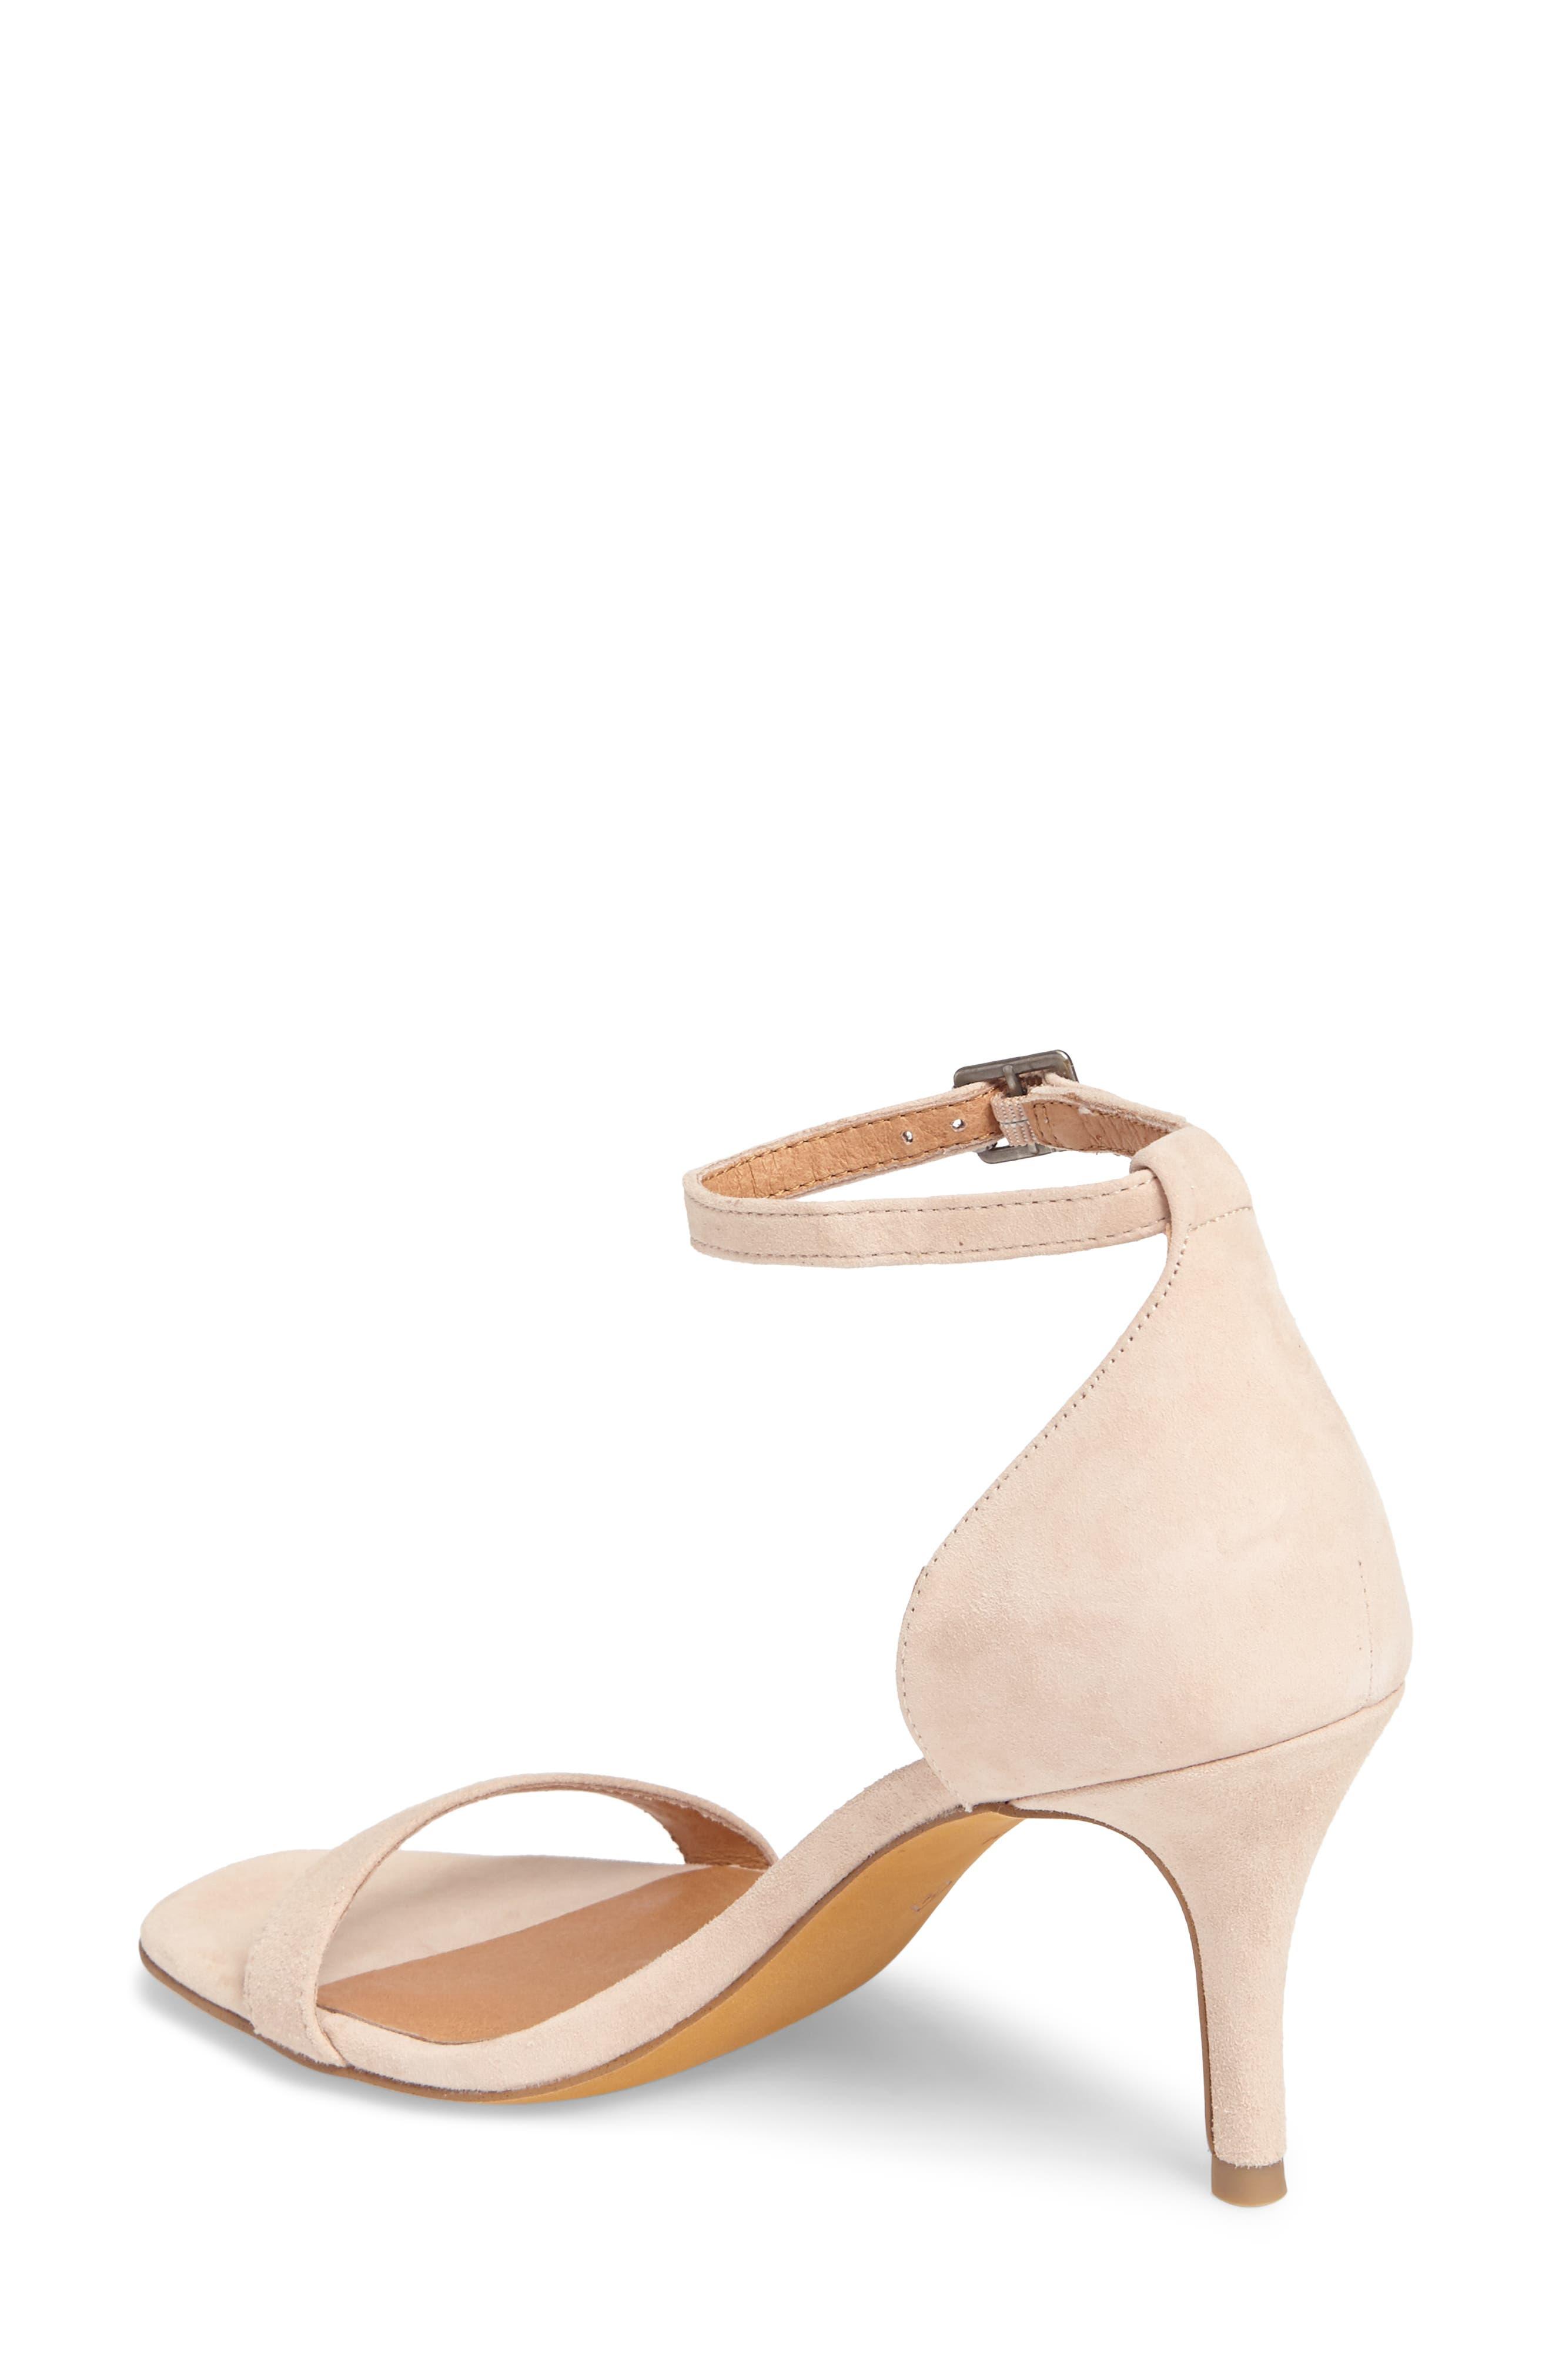 Audrey Ankle Strap Sandal,                             Alternate thumbnail 40, color,